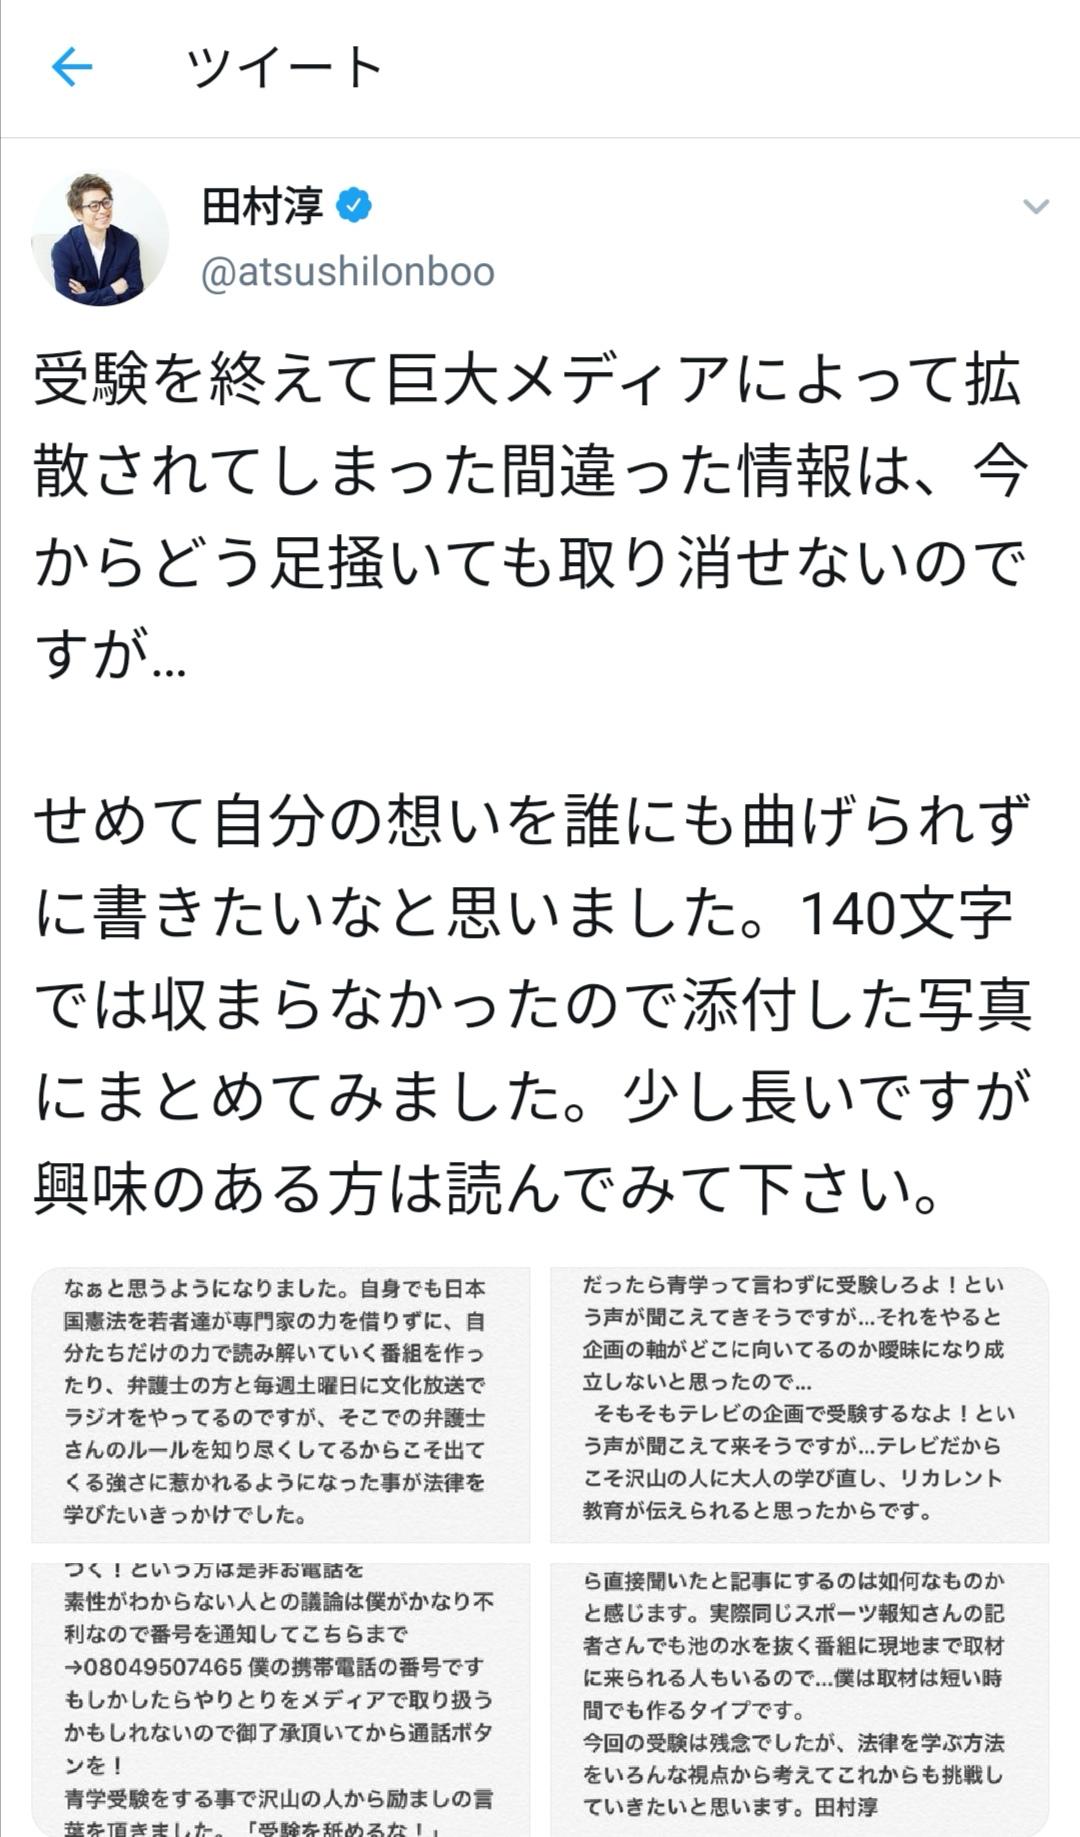 ロンブー『田村淳』芸能人への誹謗中傷に猛反論!